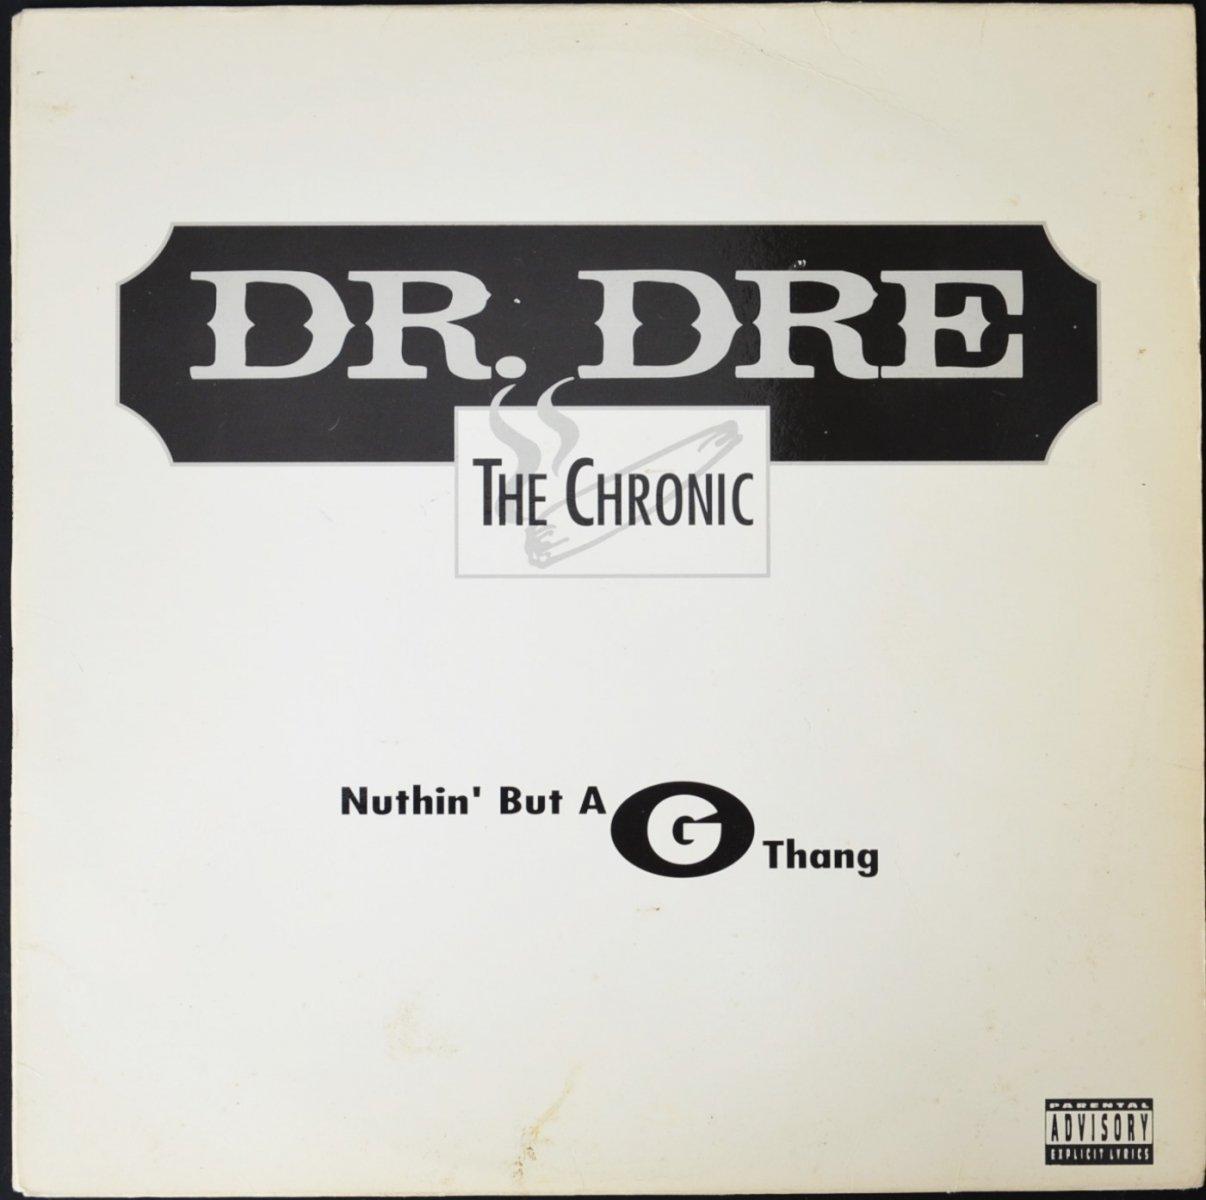 DR. DRE / NUTHIN' BUT A G THANG / A NIGGA WITTA GUN (12